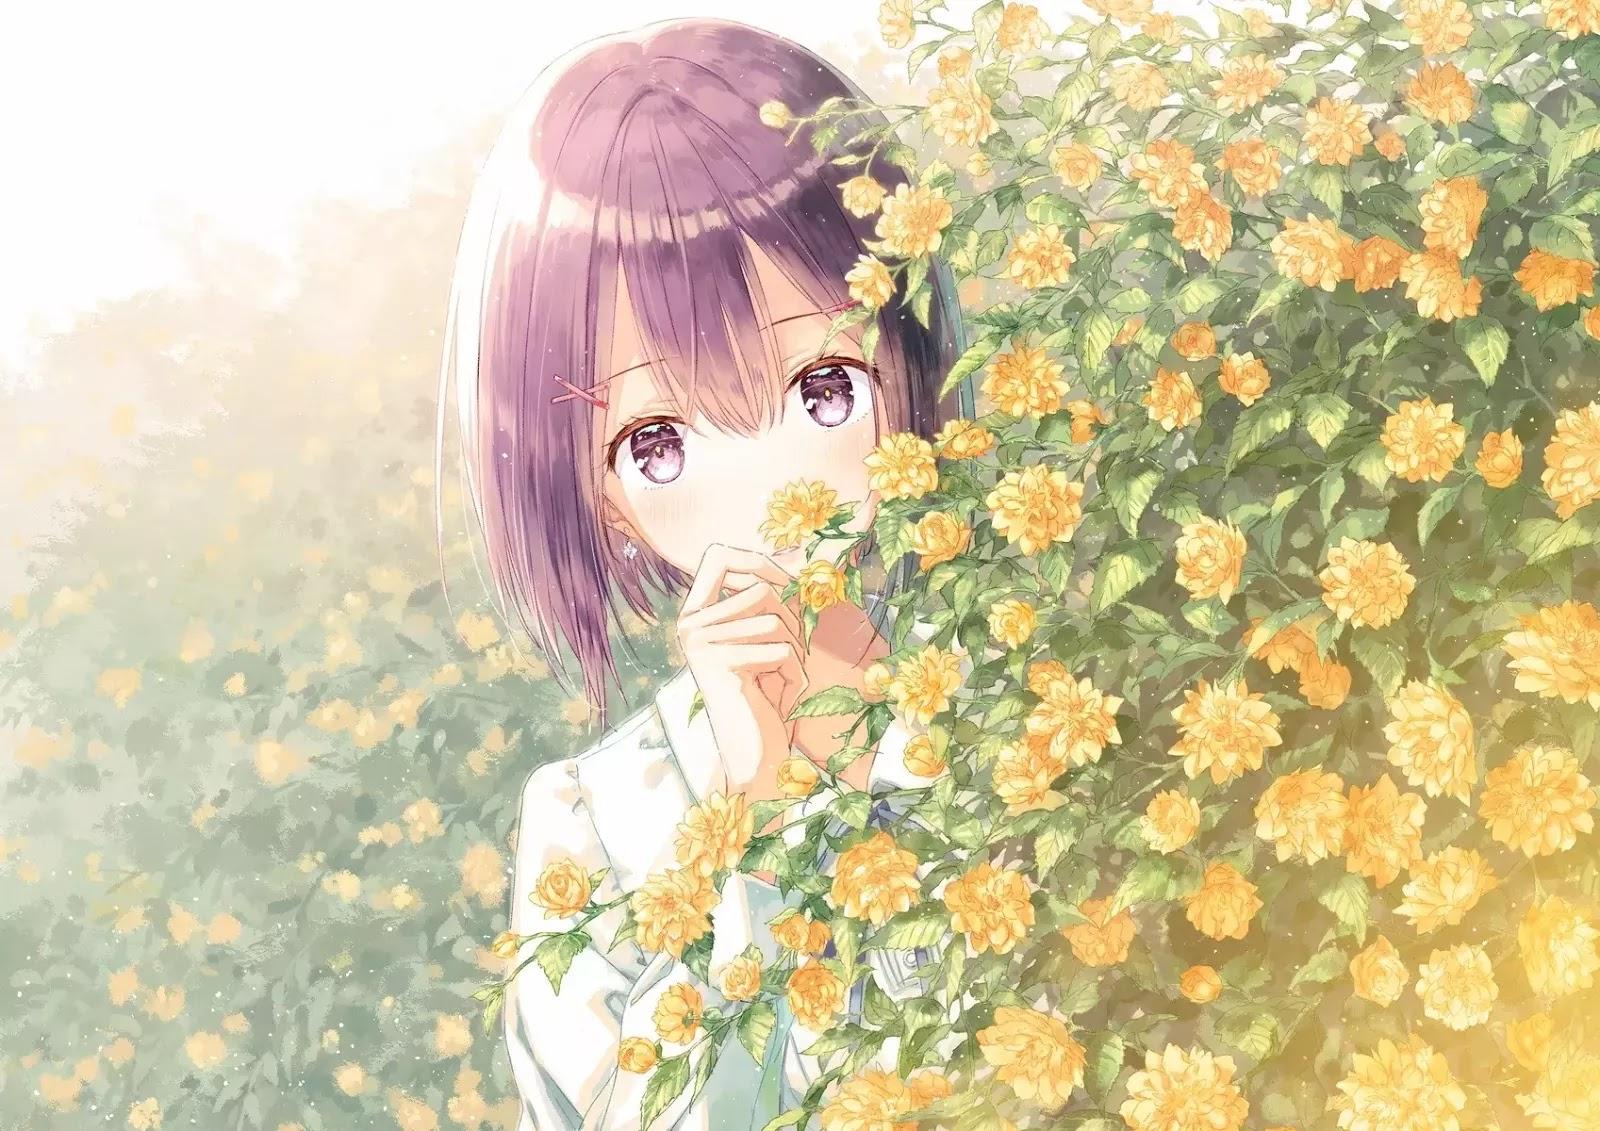 AowVN%2B%252862%2529 - [ Hình Nền ] Loli cực đẹp , cực độc Full HD | Anime Wallpaper